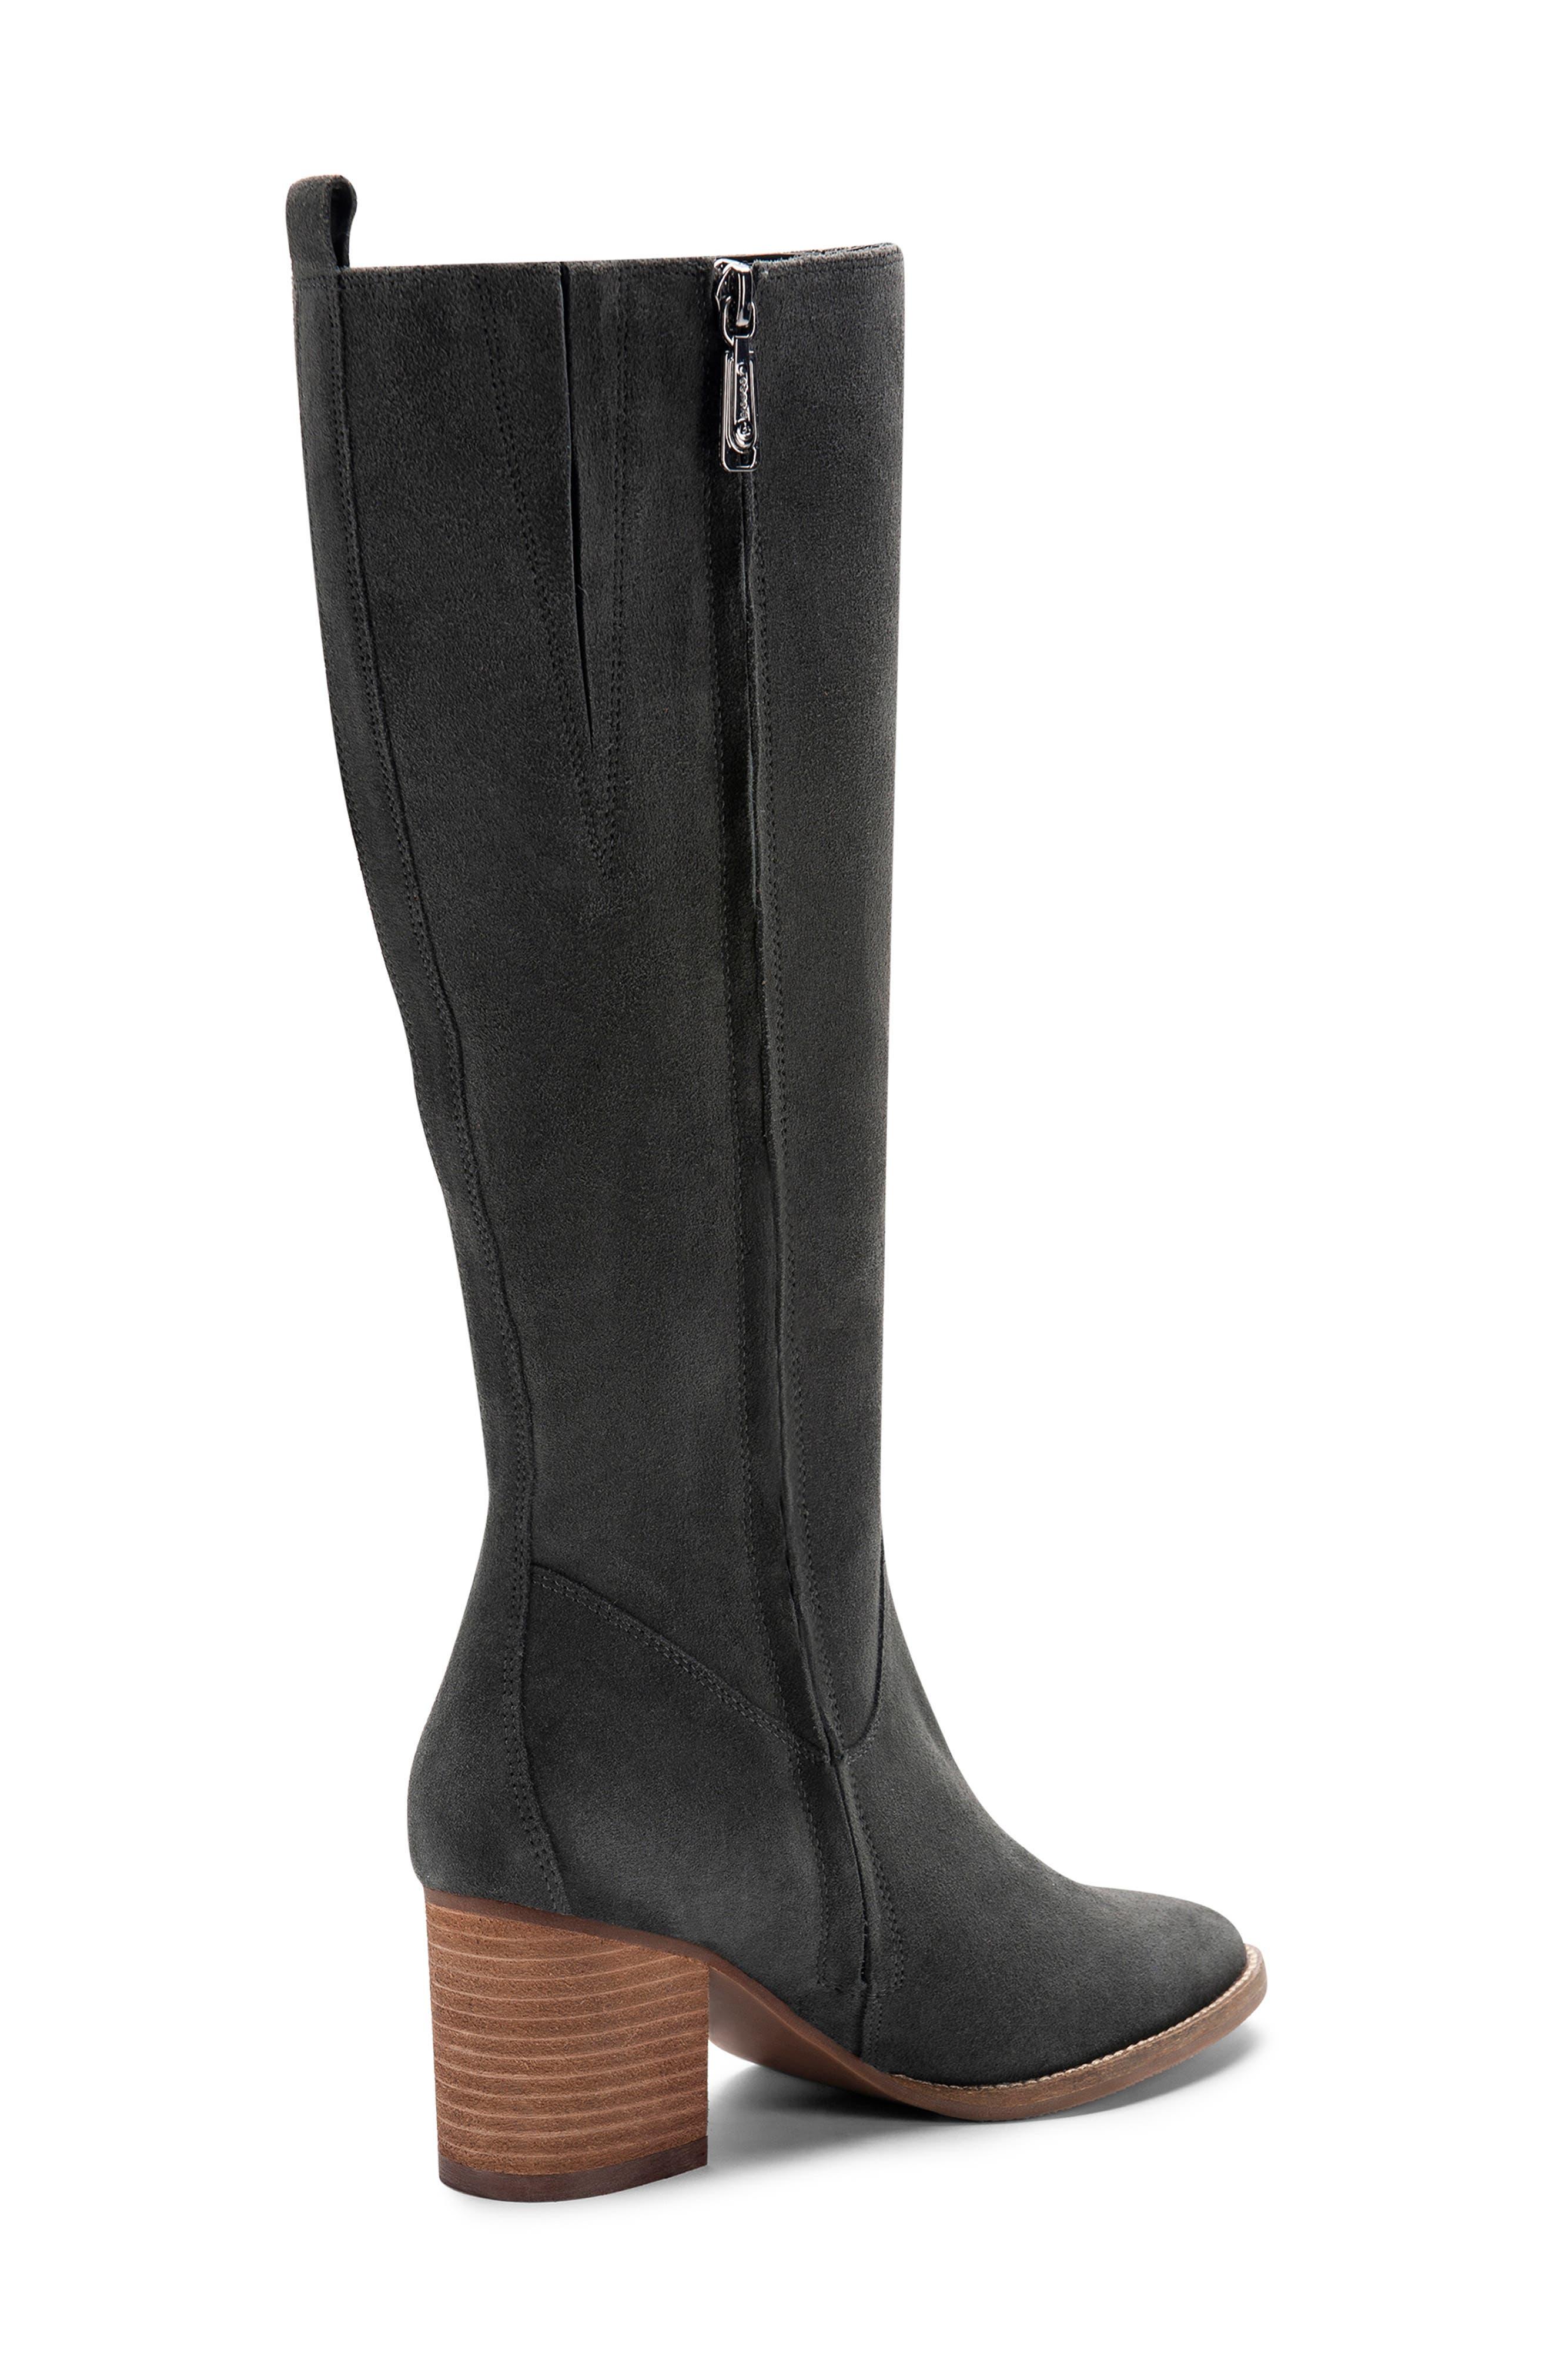 BLONDO, Nikki Waterproof Knee High Waterproof Boot, Alternate thumbnail 8, color, DARK GREY SUEDE